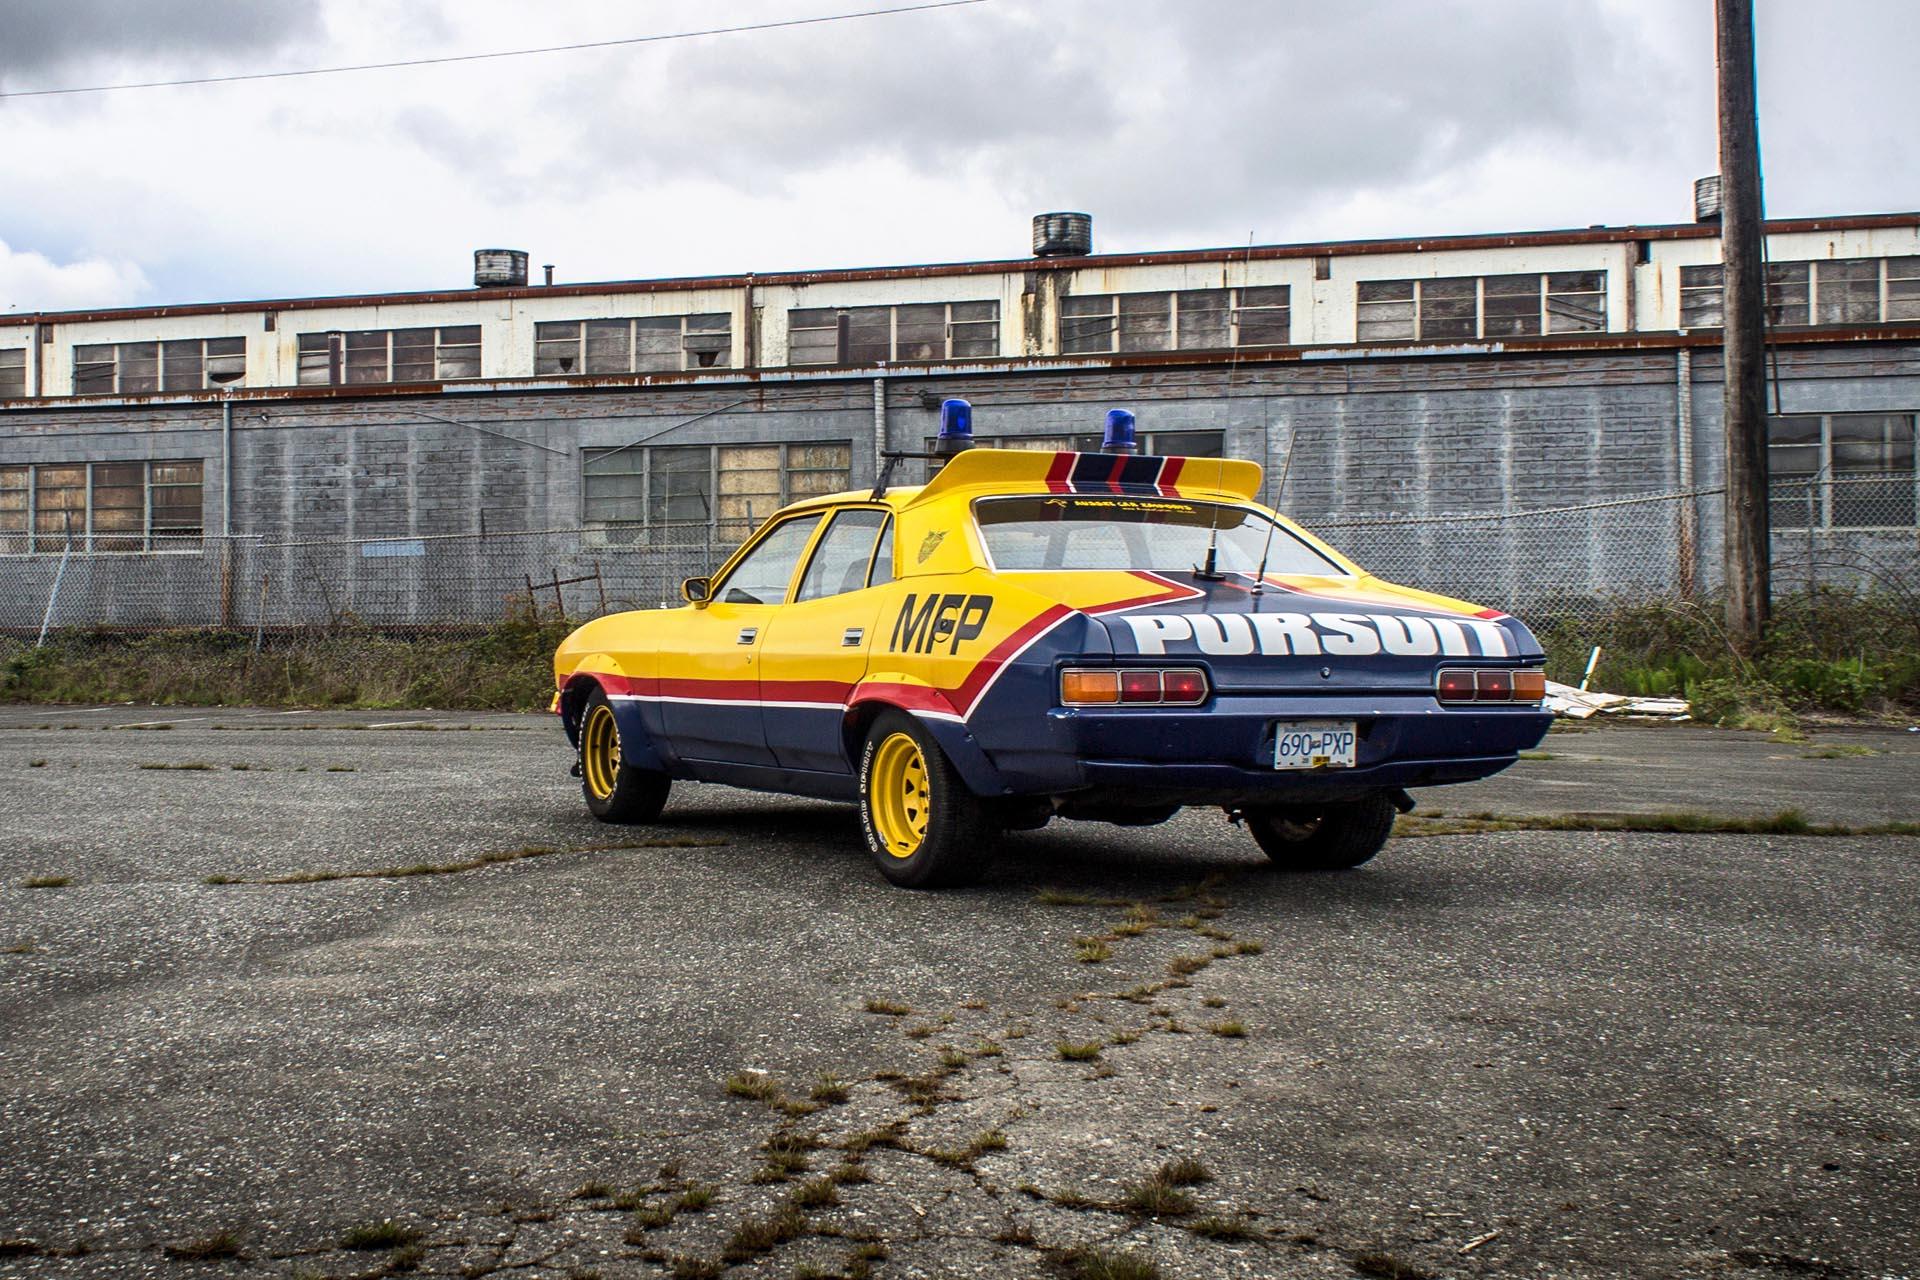 Mad Max Quot Big Bopper Quot Mfp 1976 Ford Falcon Autos Ca